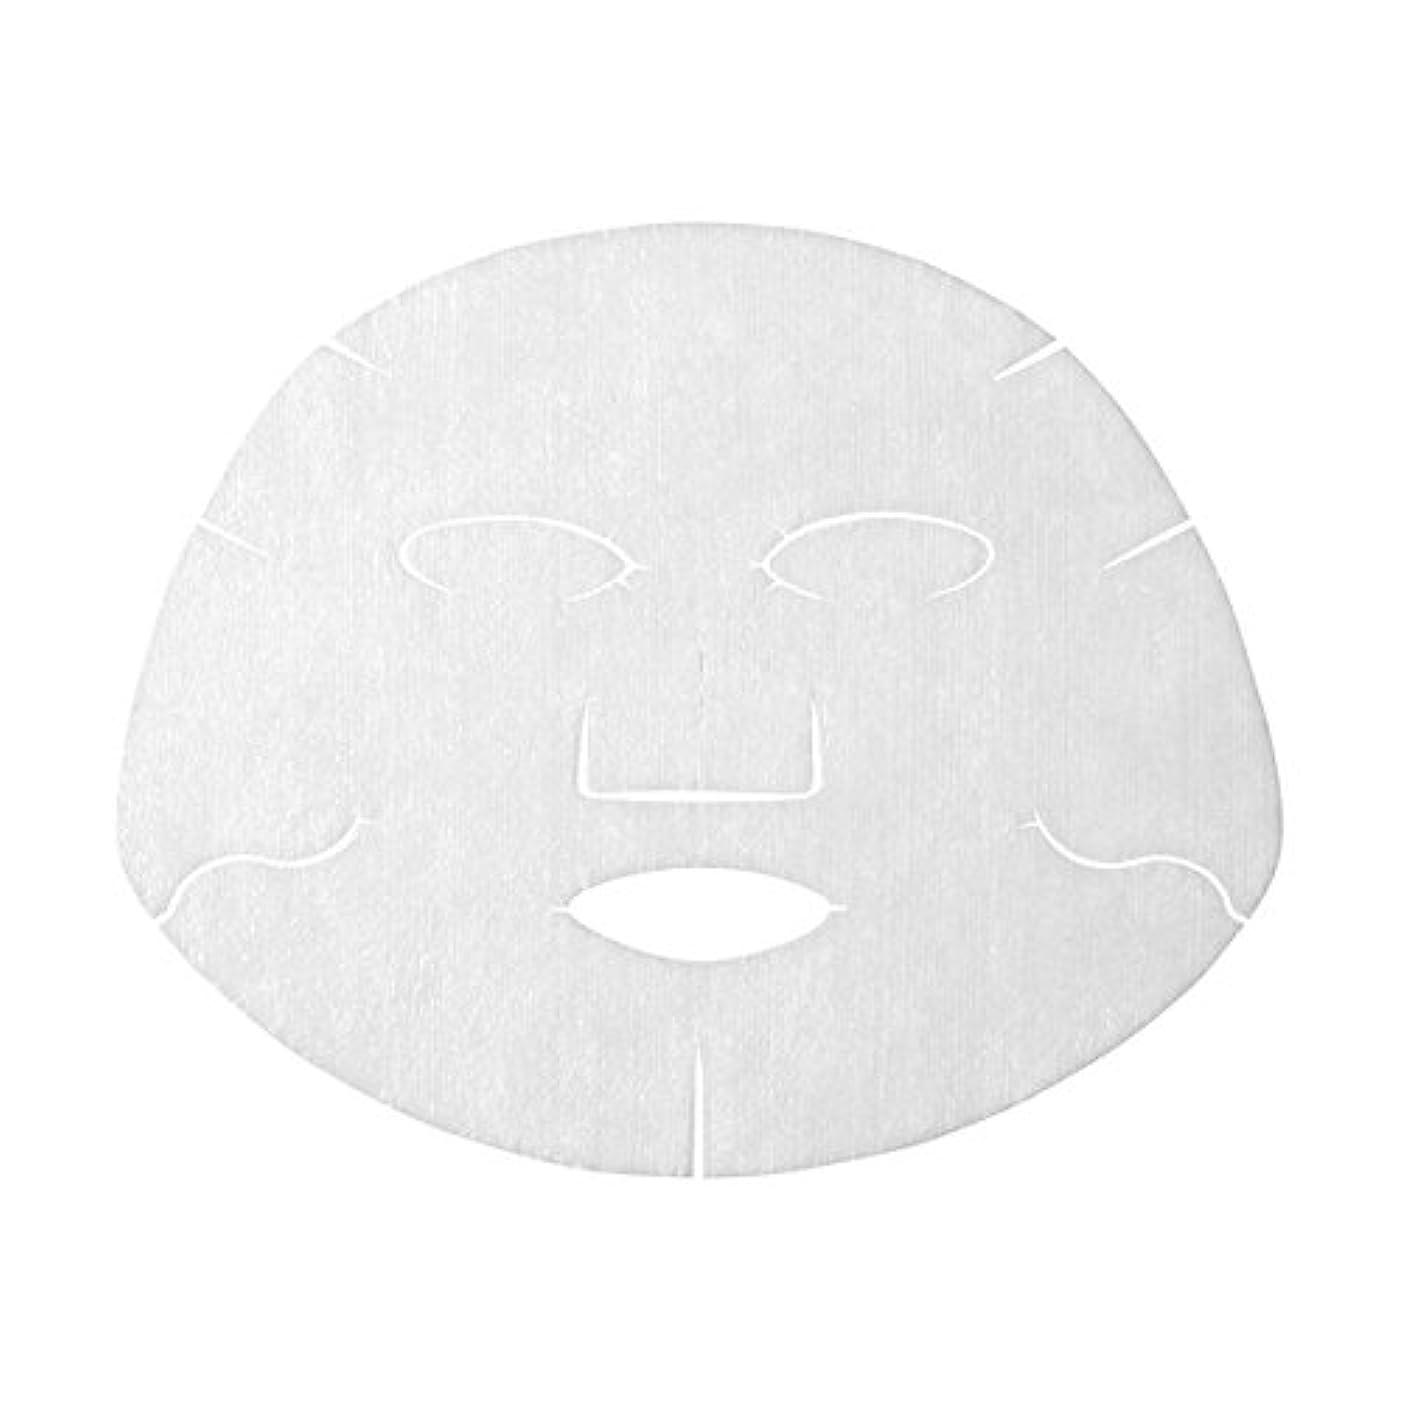 処理するパレードバージンアクアレーベル モイストチャージマスク <1枚入り> 23mLX1枚